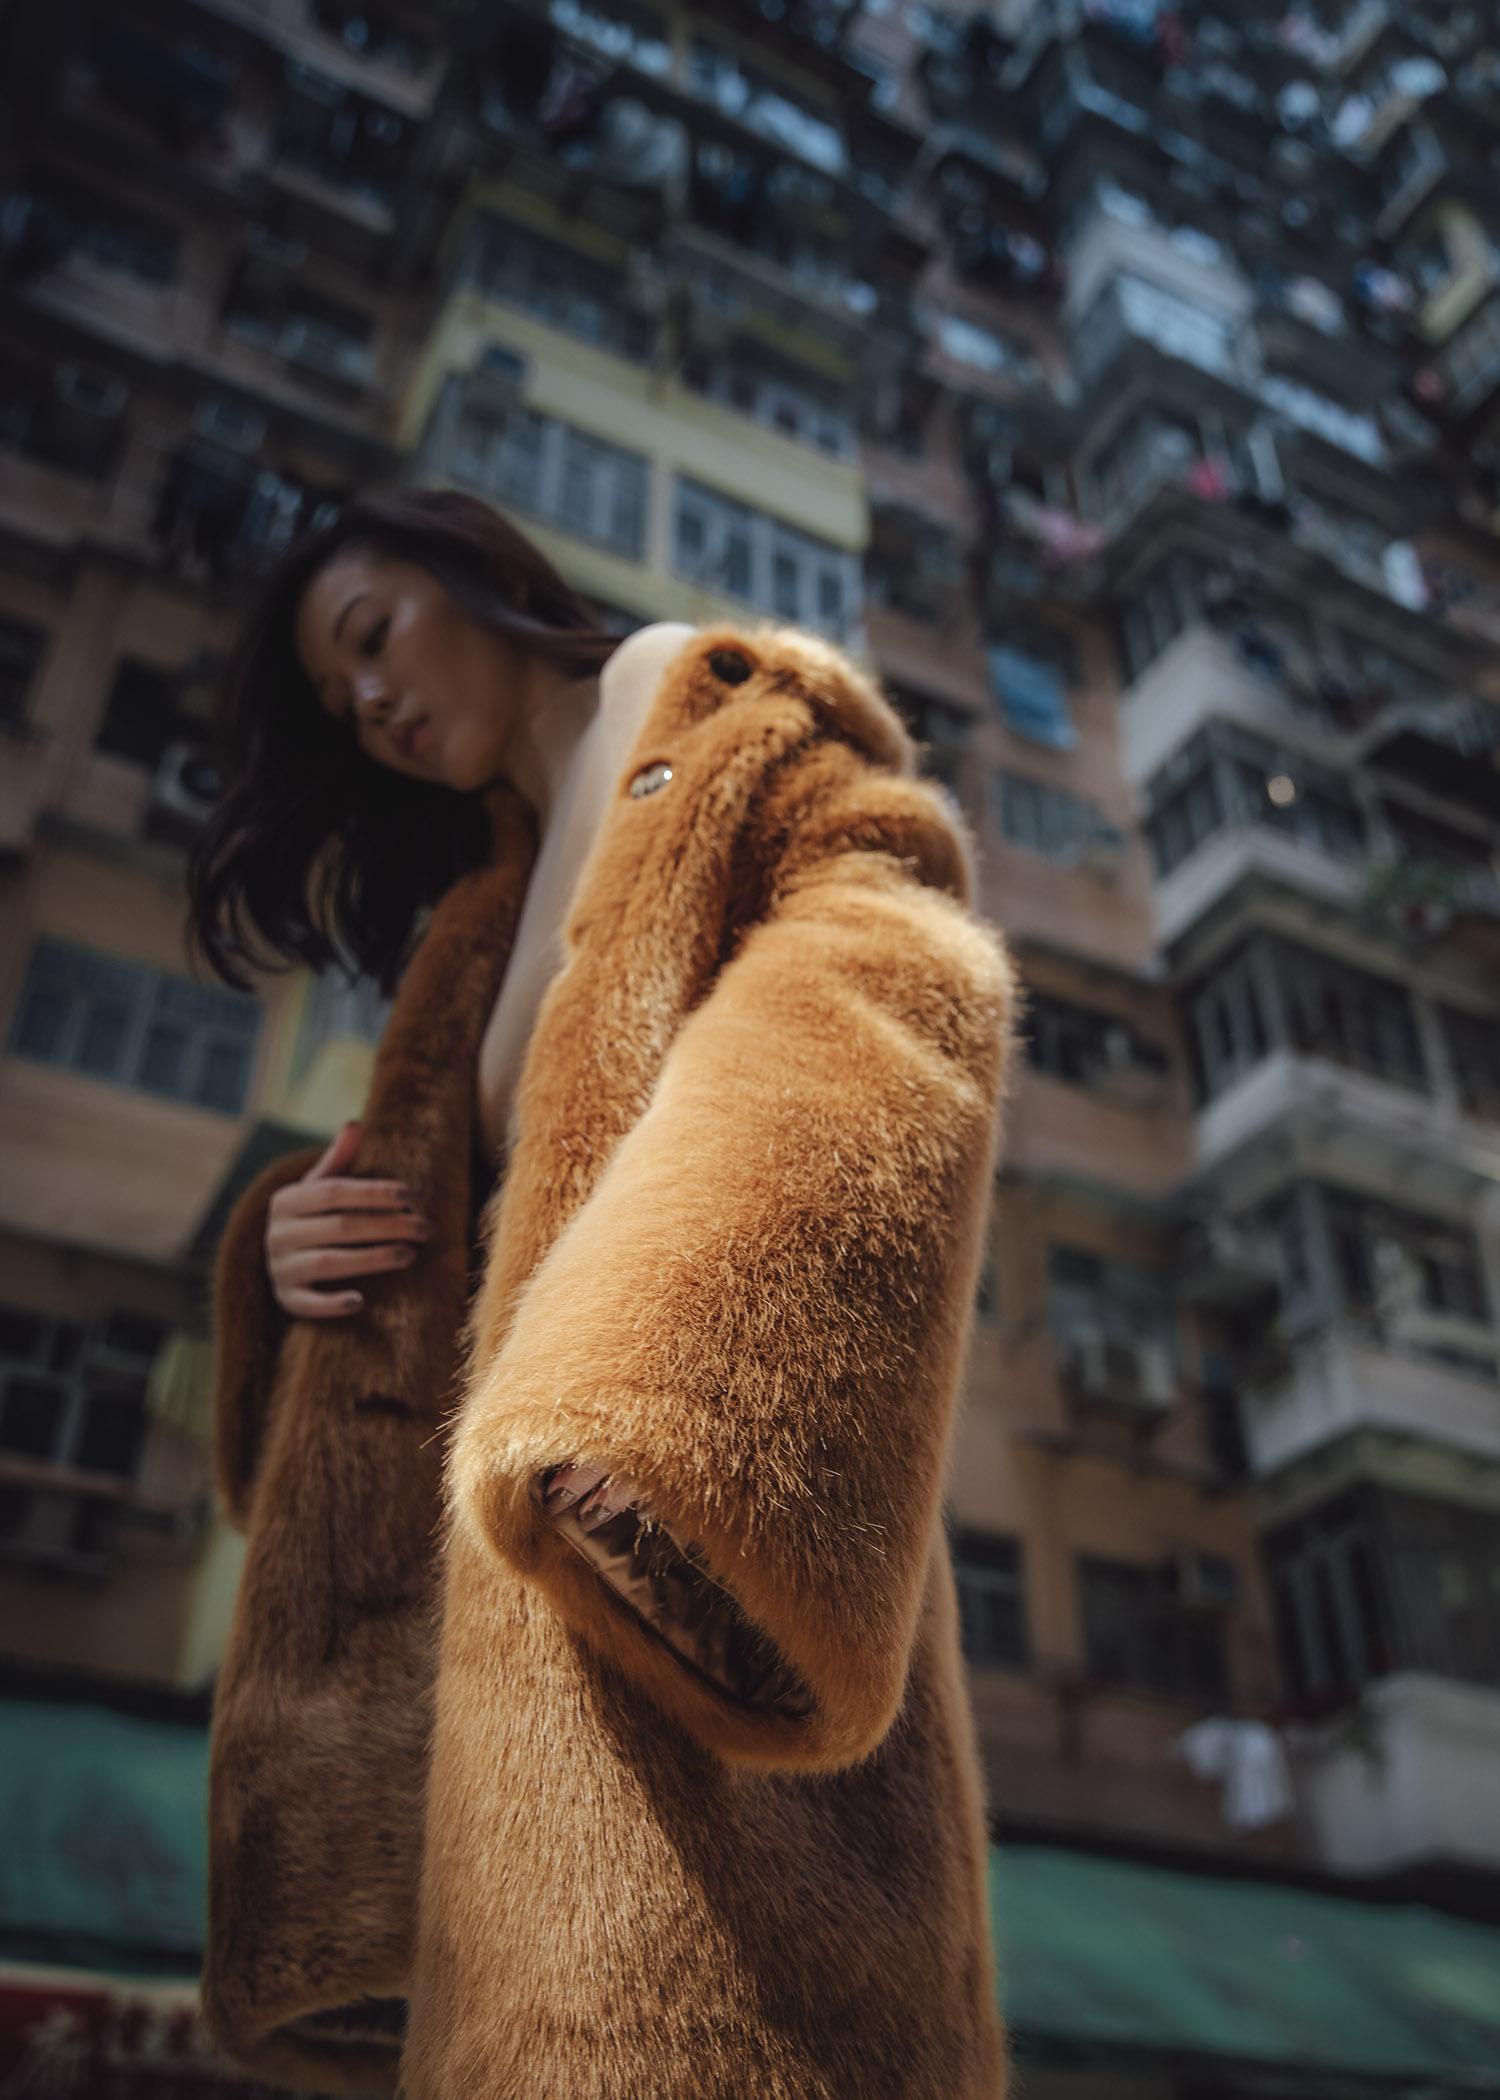 Jenny Tsang of Tsangtastic wearing fur teddy coat at Montane Mansion in Hong Kong